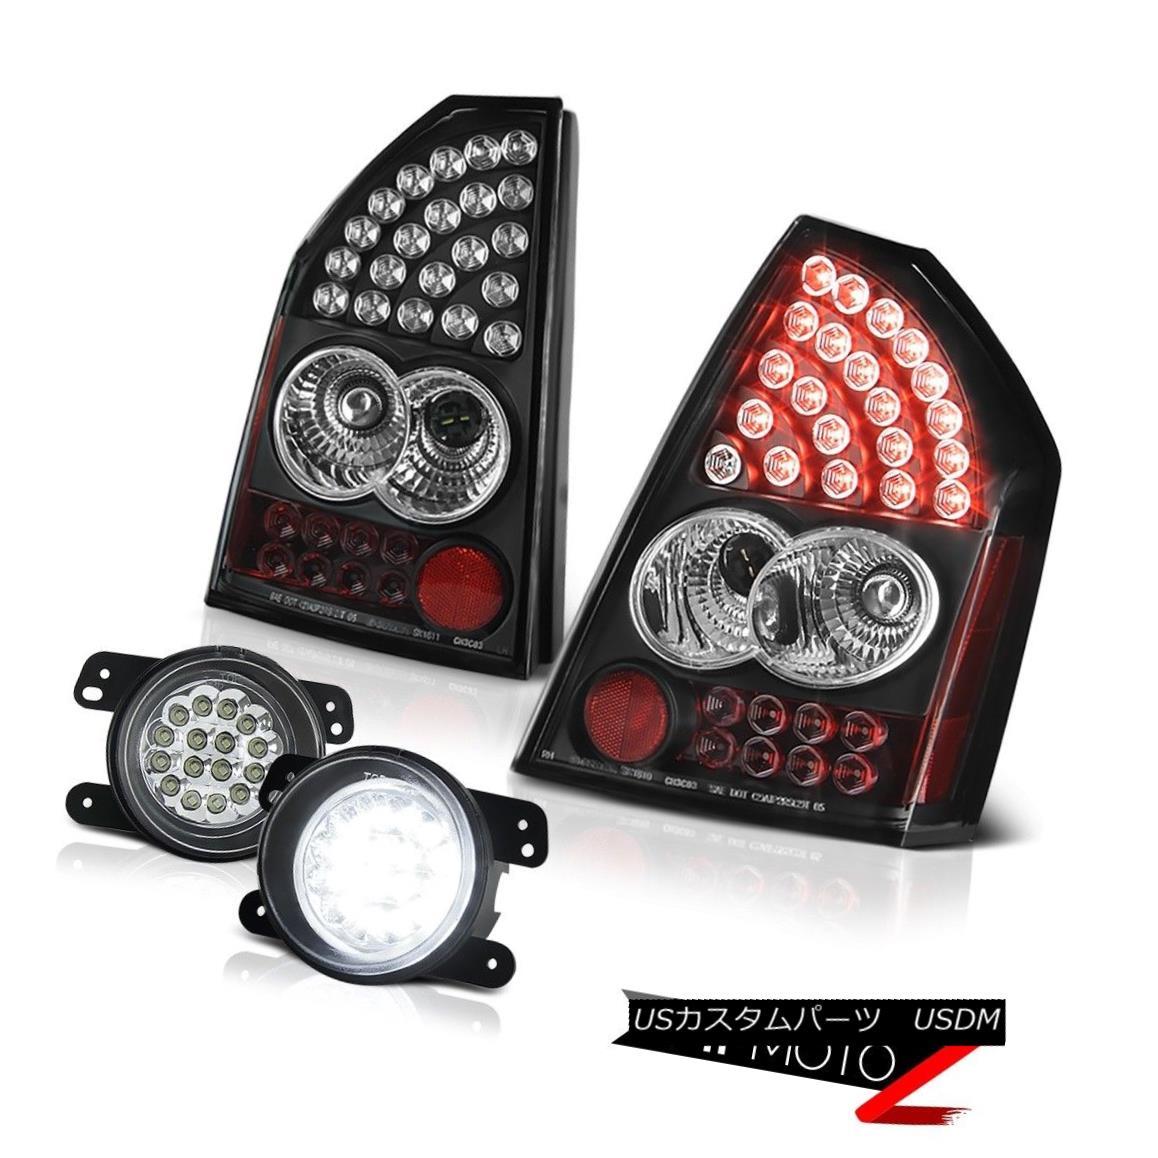 テールライト 05-07 Chrysler 300 2.7L SMD Tail Lights Black LED Driving Fog Sterling Chrome 05-07クライスラー300 2.7L SMDテールライトブラックLEDドライビングフォグスターリングクローム